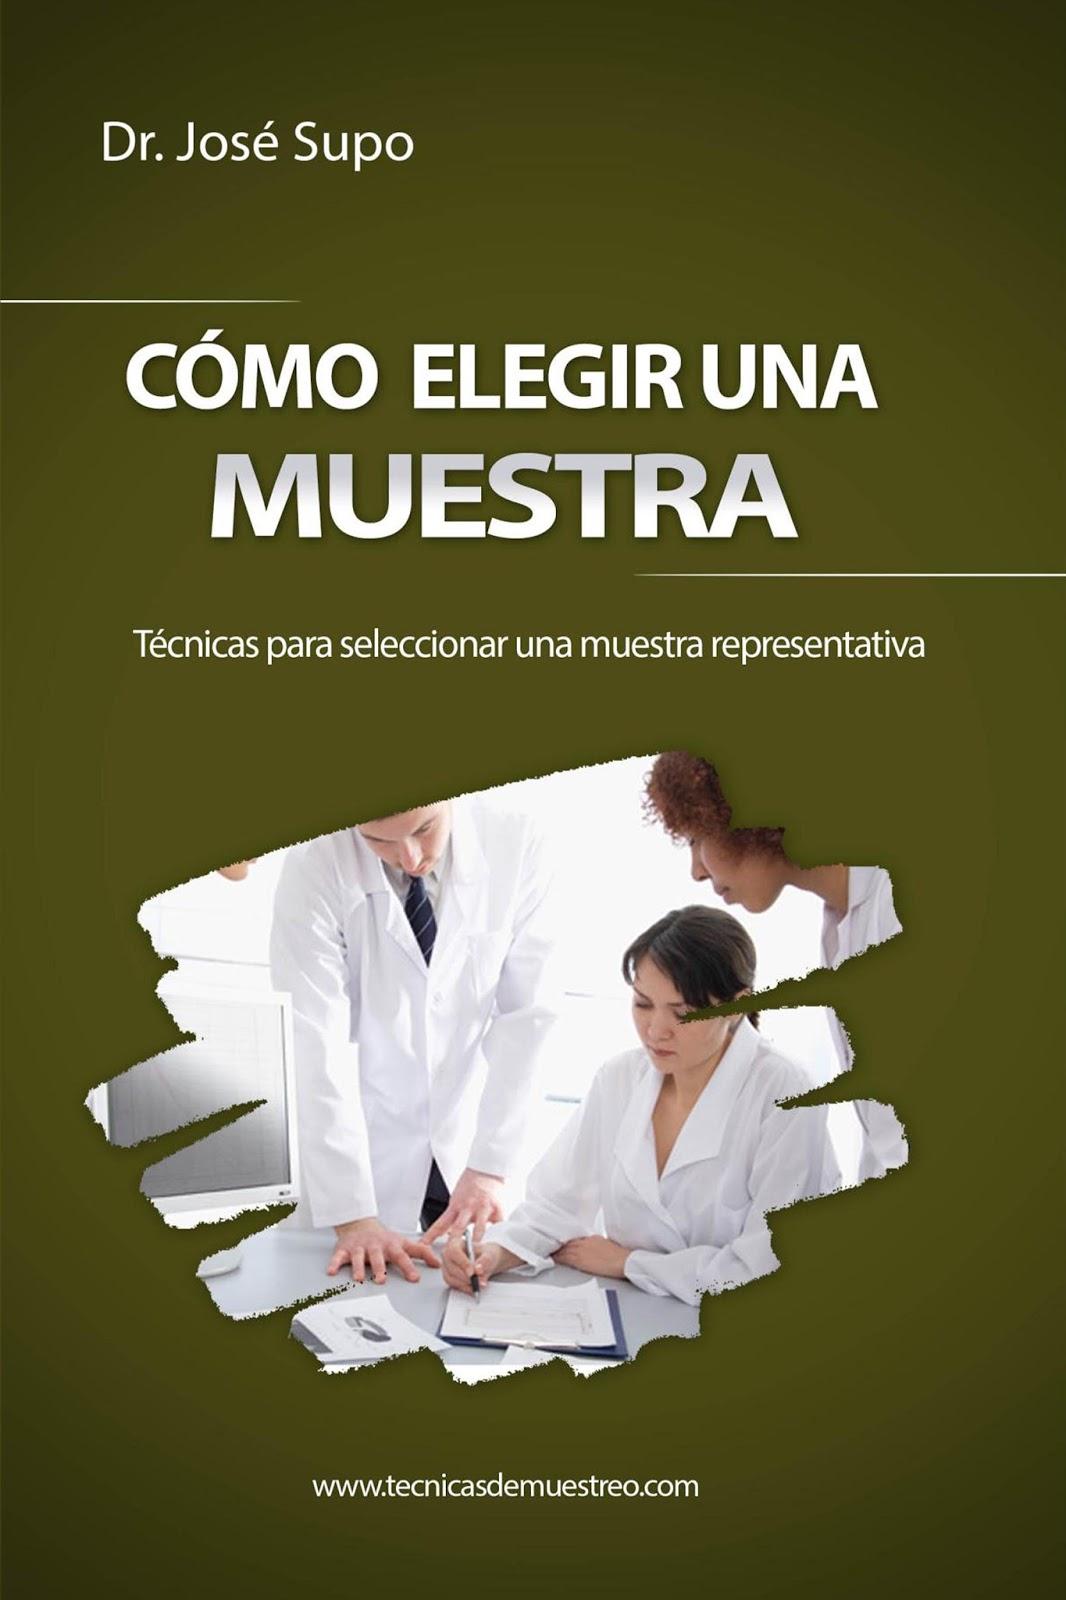 Cómo elegir una muestra – Dr. José Supo